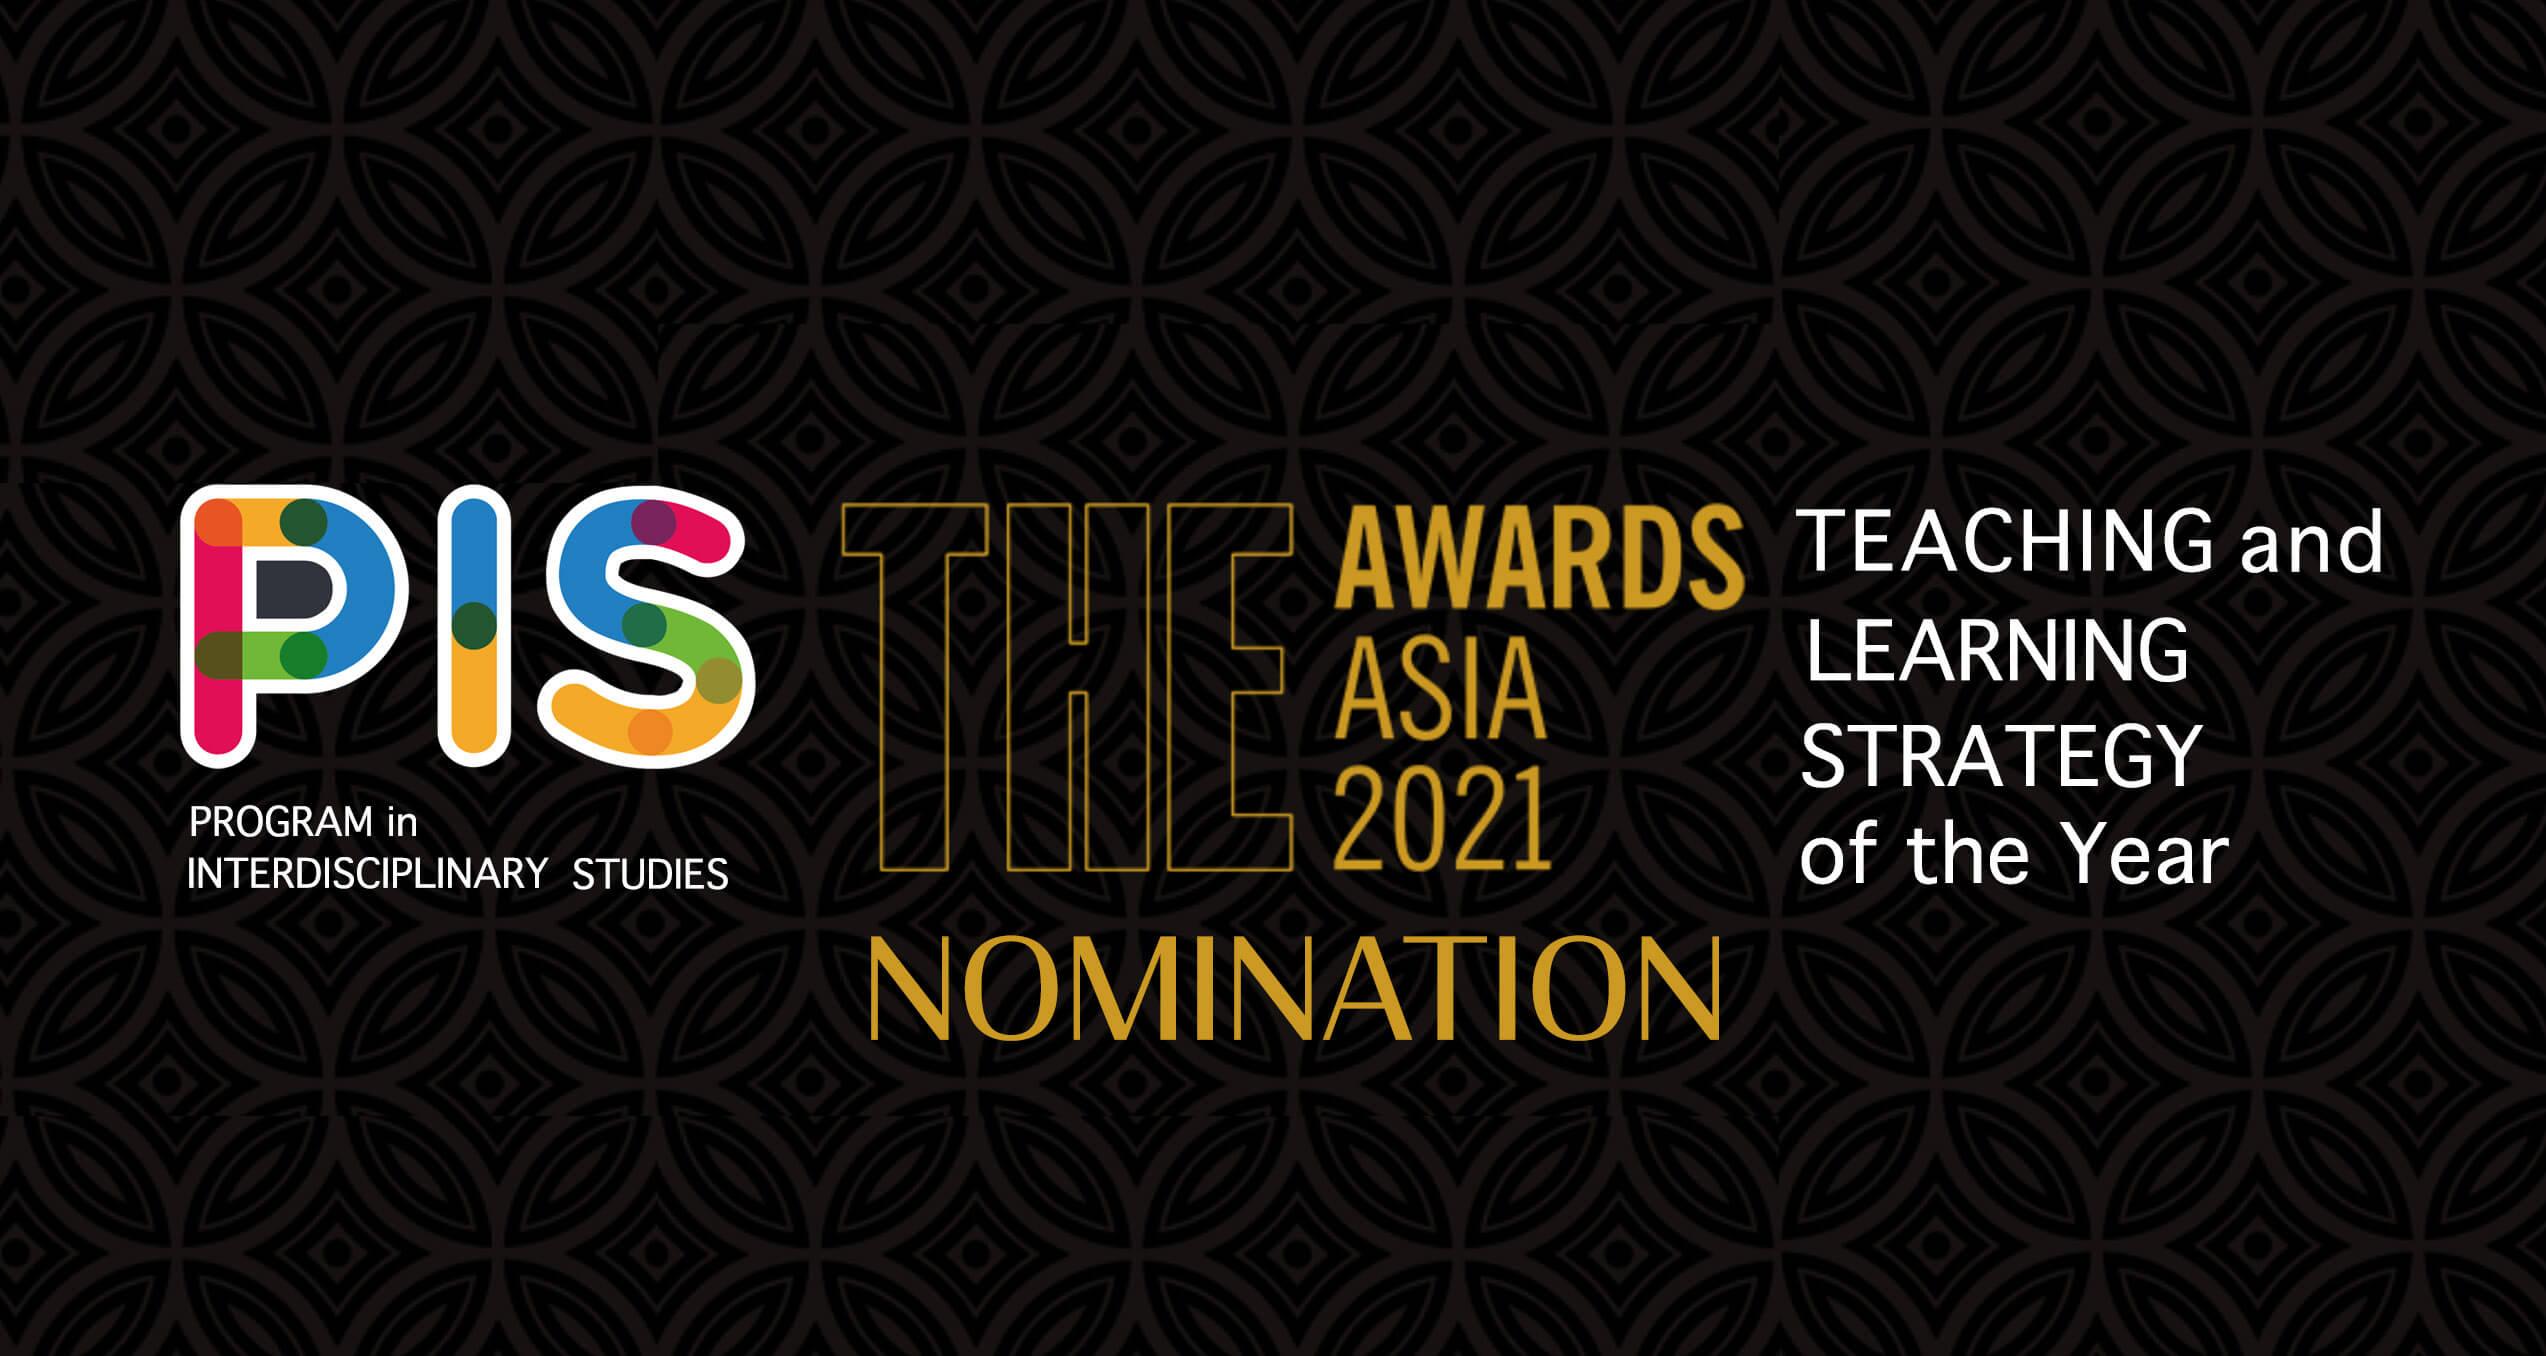 https://siwan.nsysu.edu.tw/en/achievements/pis_awardasia2021_nomination/